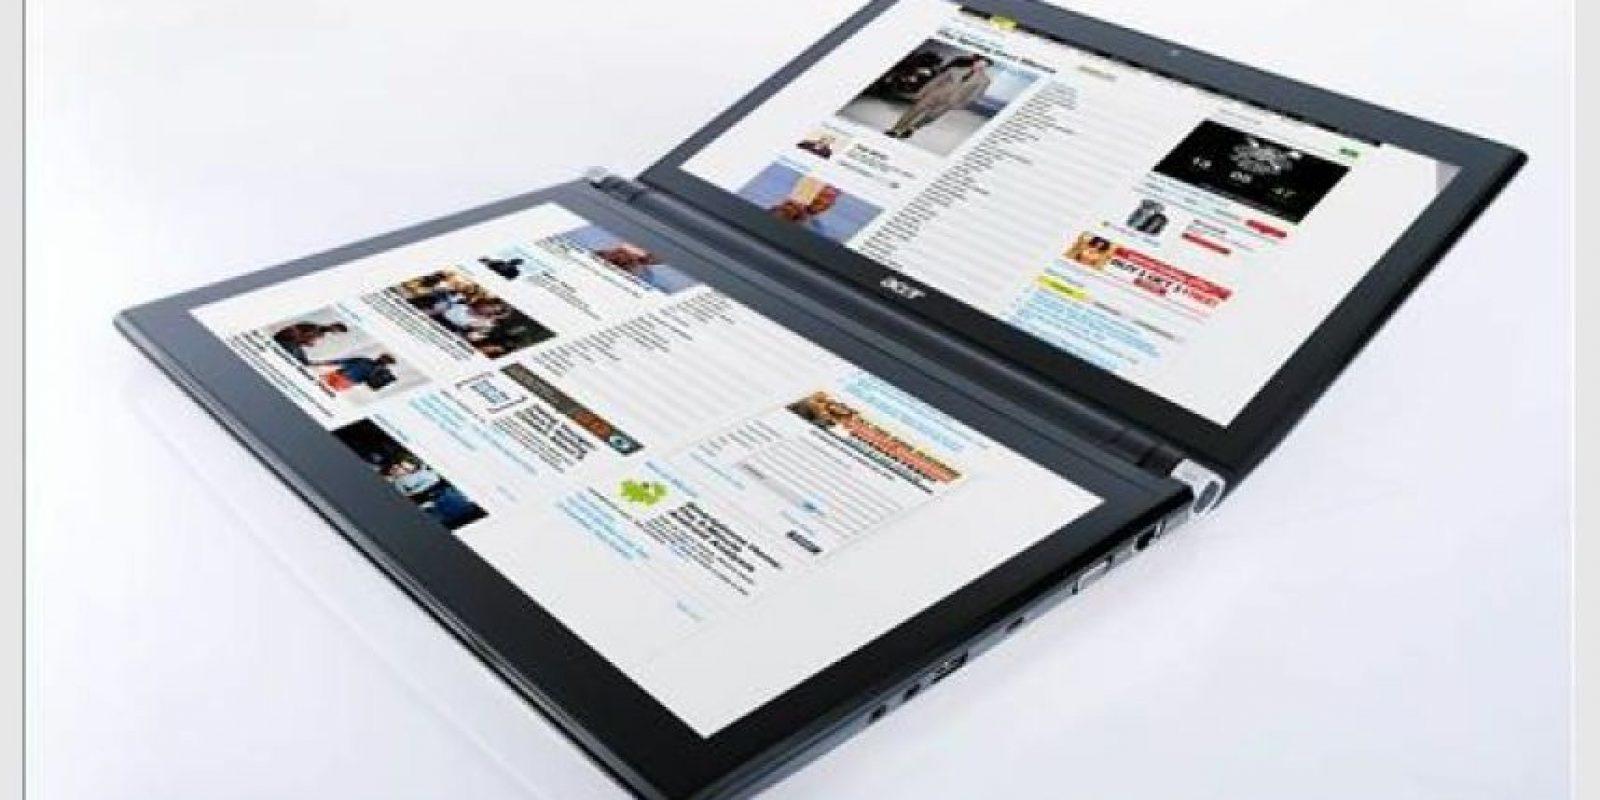 Foto:Estos equipos fueron diseñados en estrecha colaboración con Microsoft. Iconia consiste de dos paneles/pantallas touchscreen de 14″ 720p HD. Corre Windows 7 Premium en lugar de Sistemas operativos para tablets.